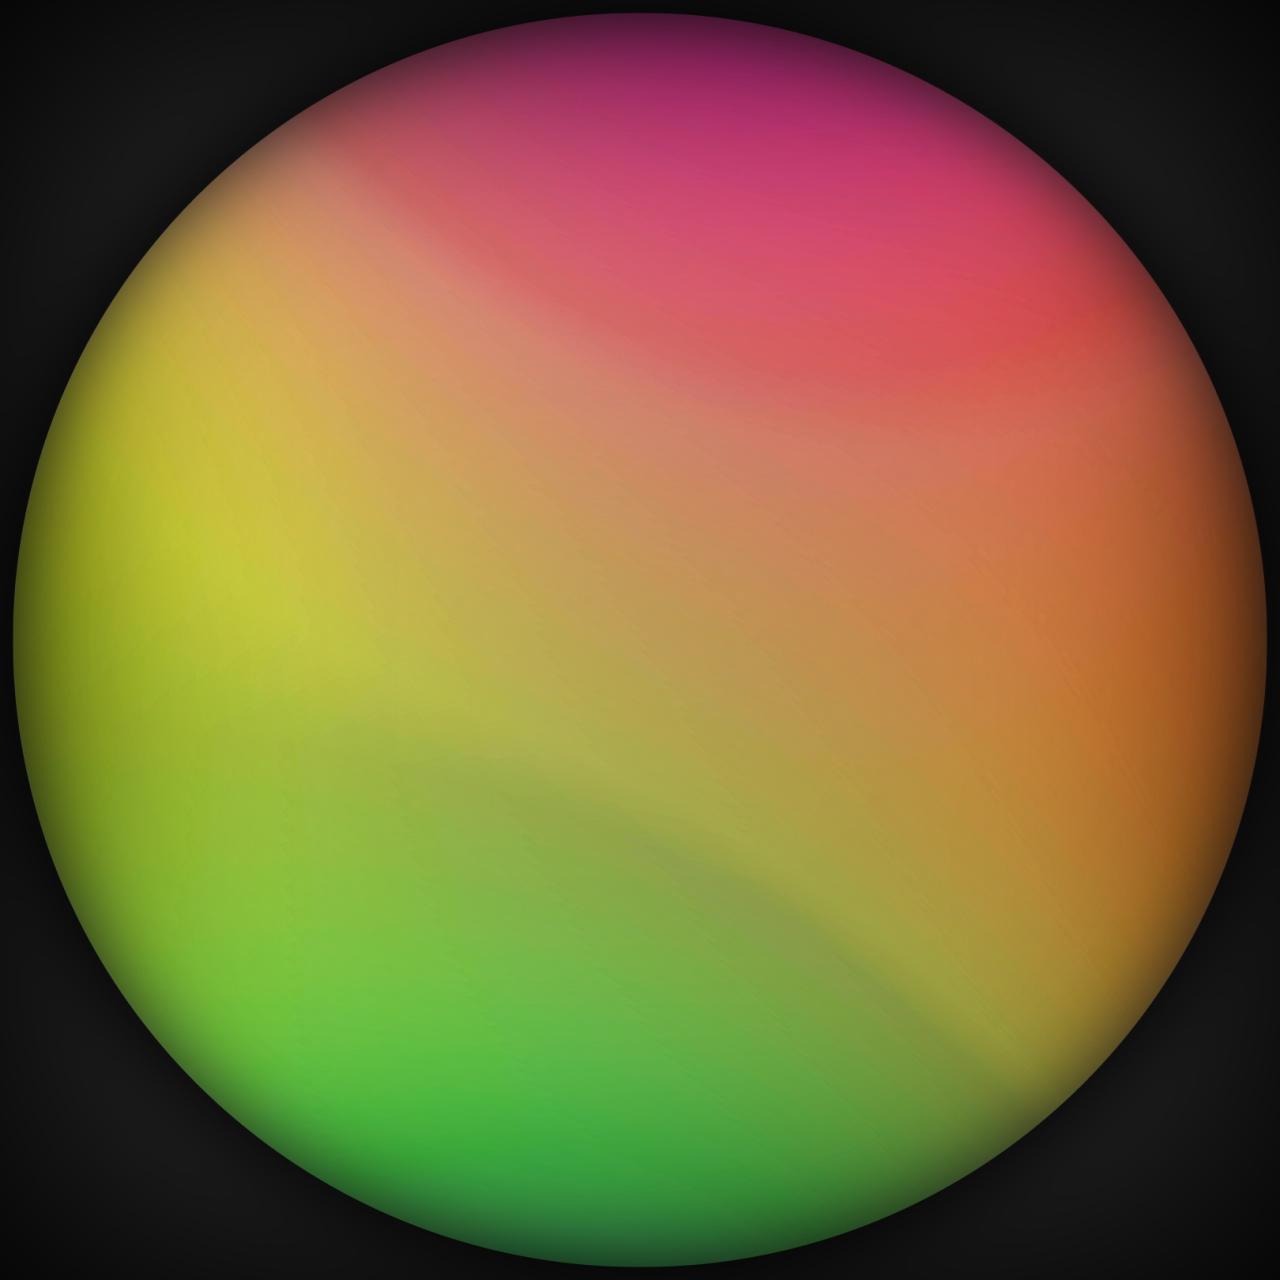 FREE_32_pjpg (0.01.49.17).jpg